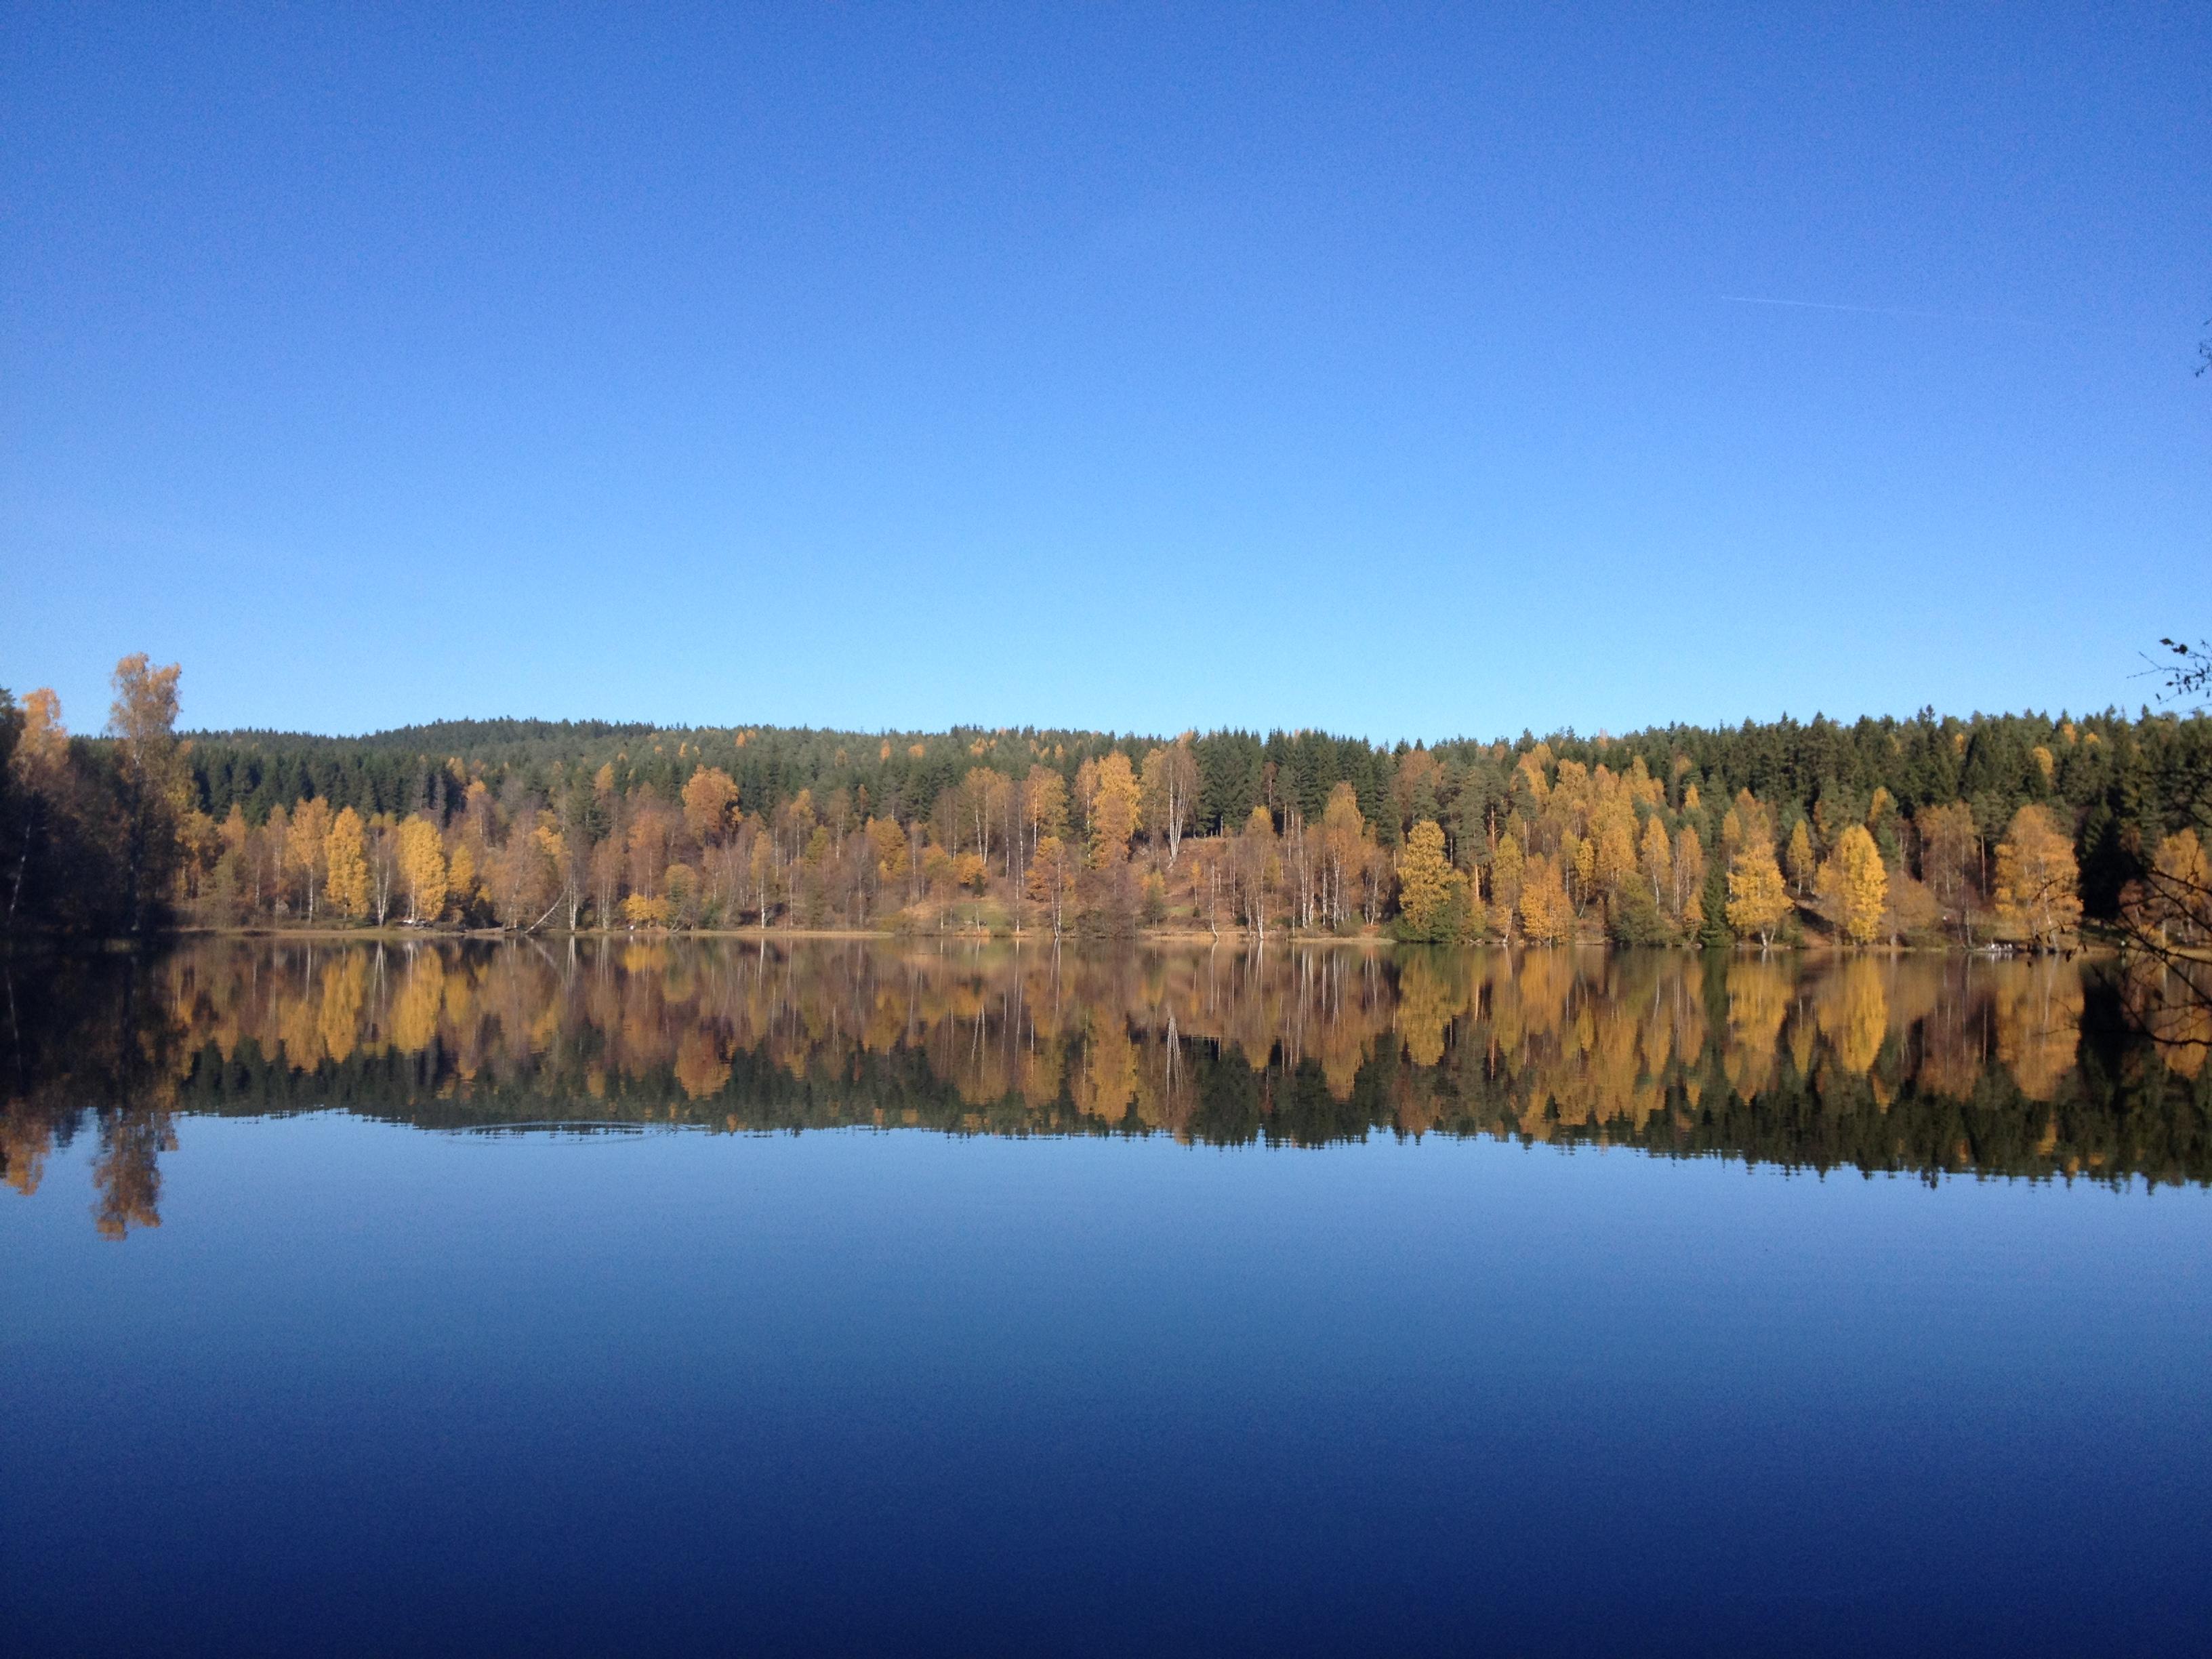 Høstbilde hvor trærne speiler seg i vannet